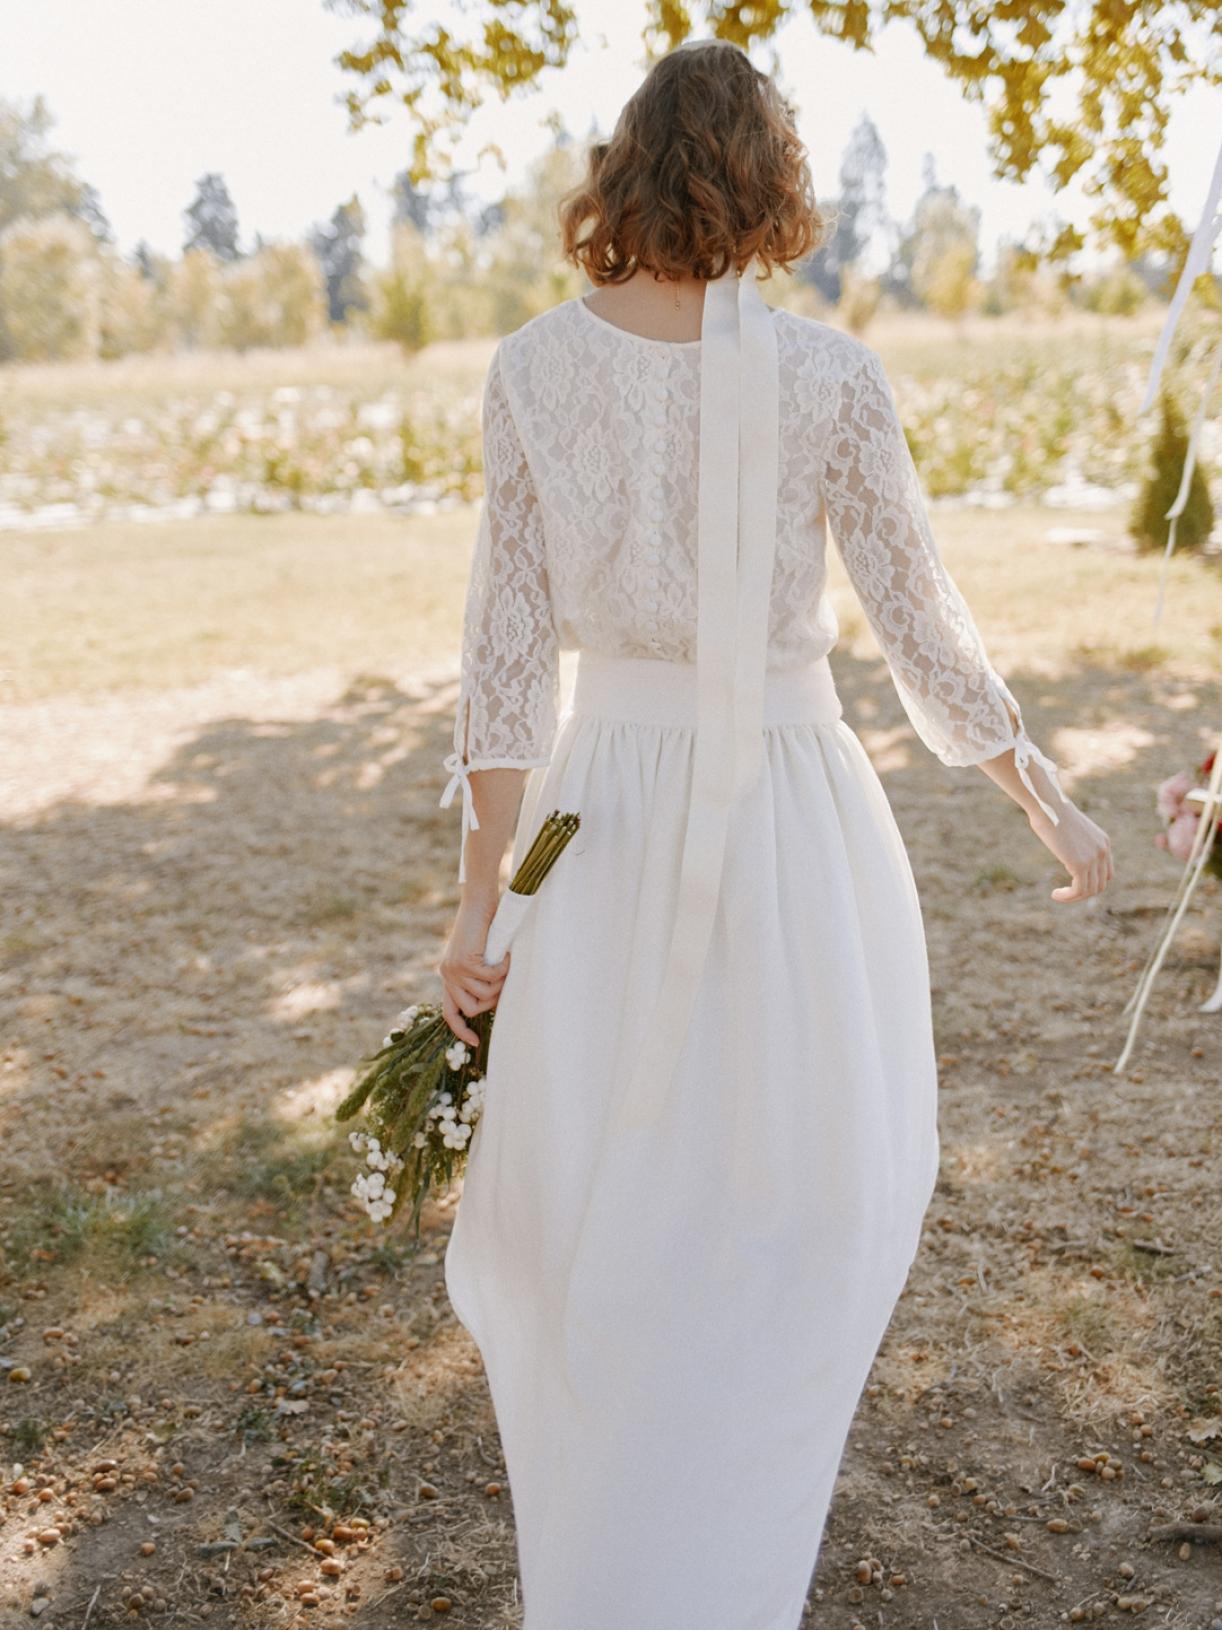 Blouse de mariée en coton en coton bio - Myphilosophy Paris